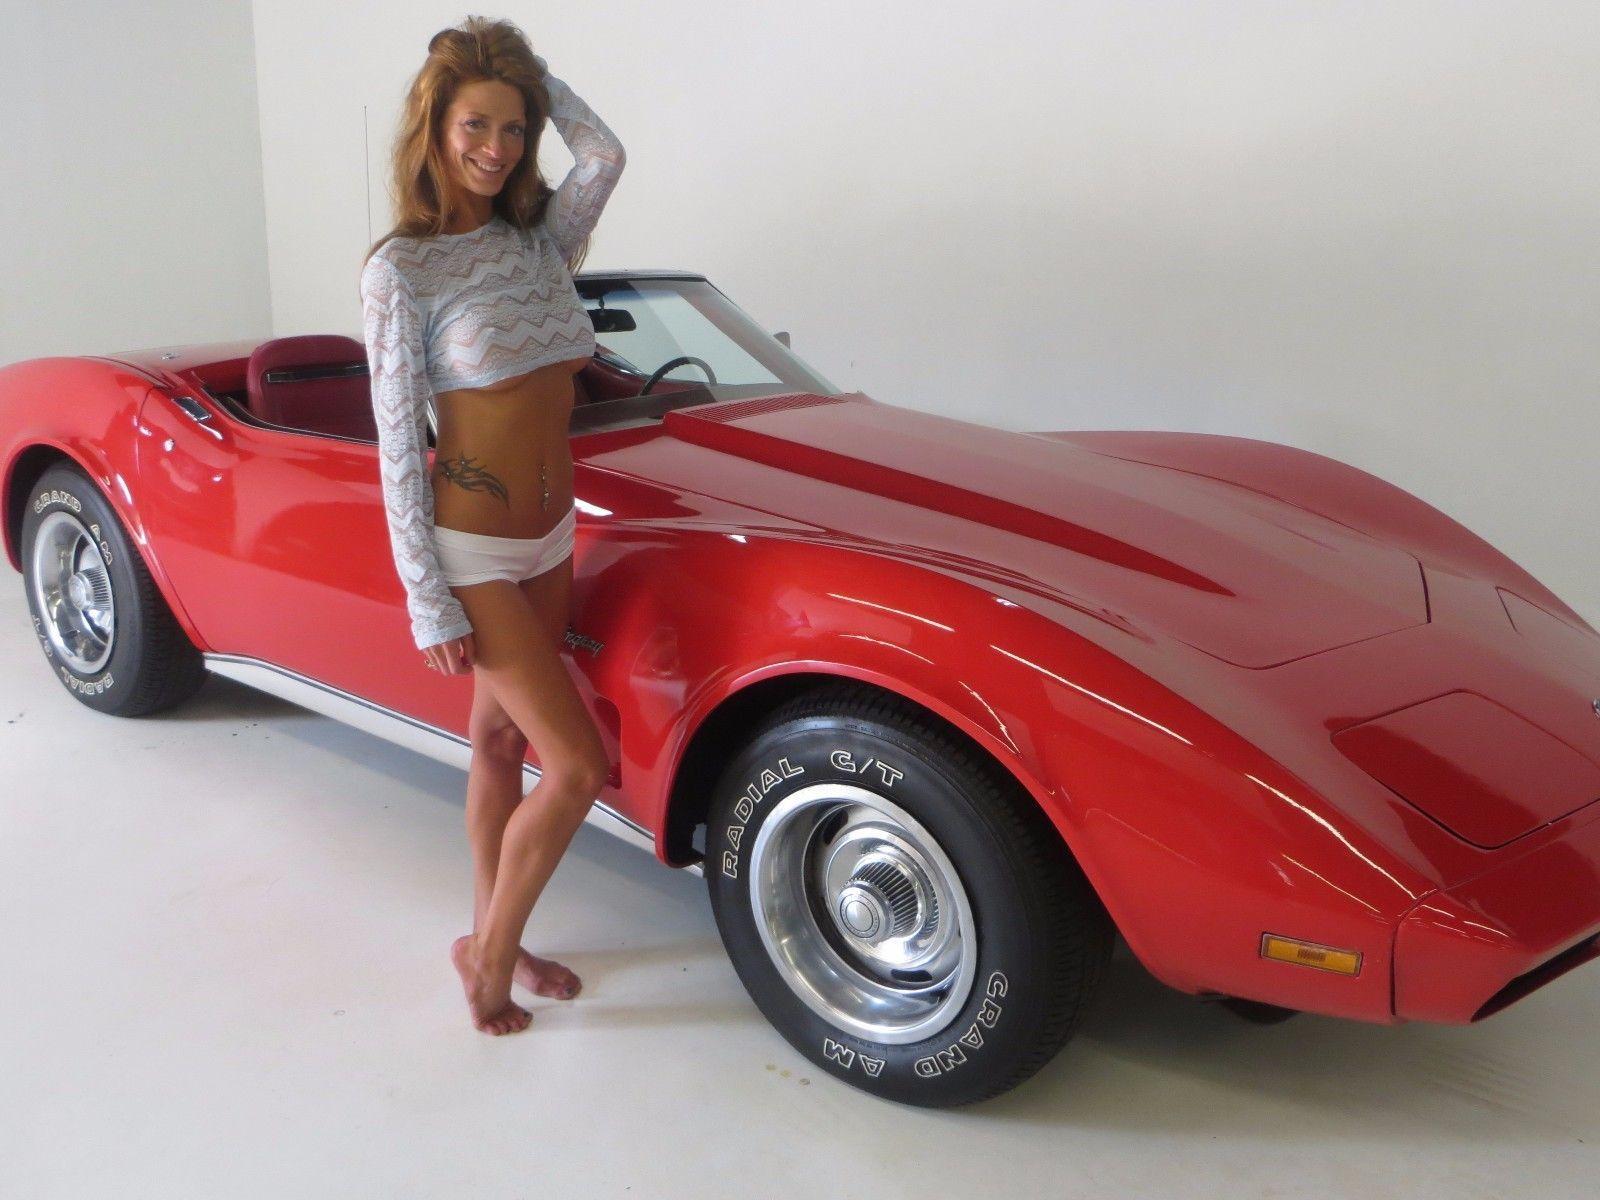 Details About 1974 Chevrolet Corvette Stingray Cars